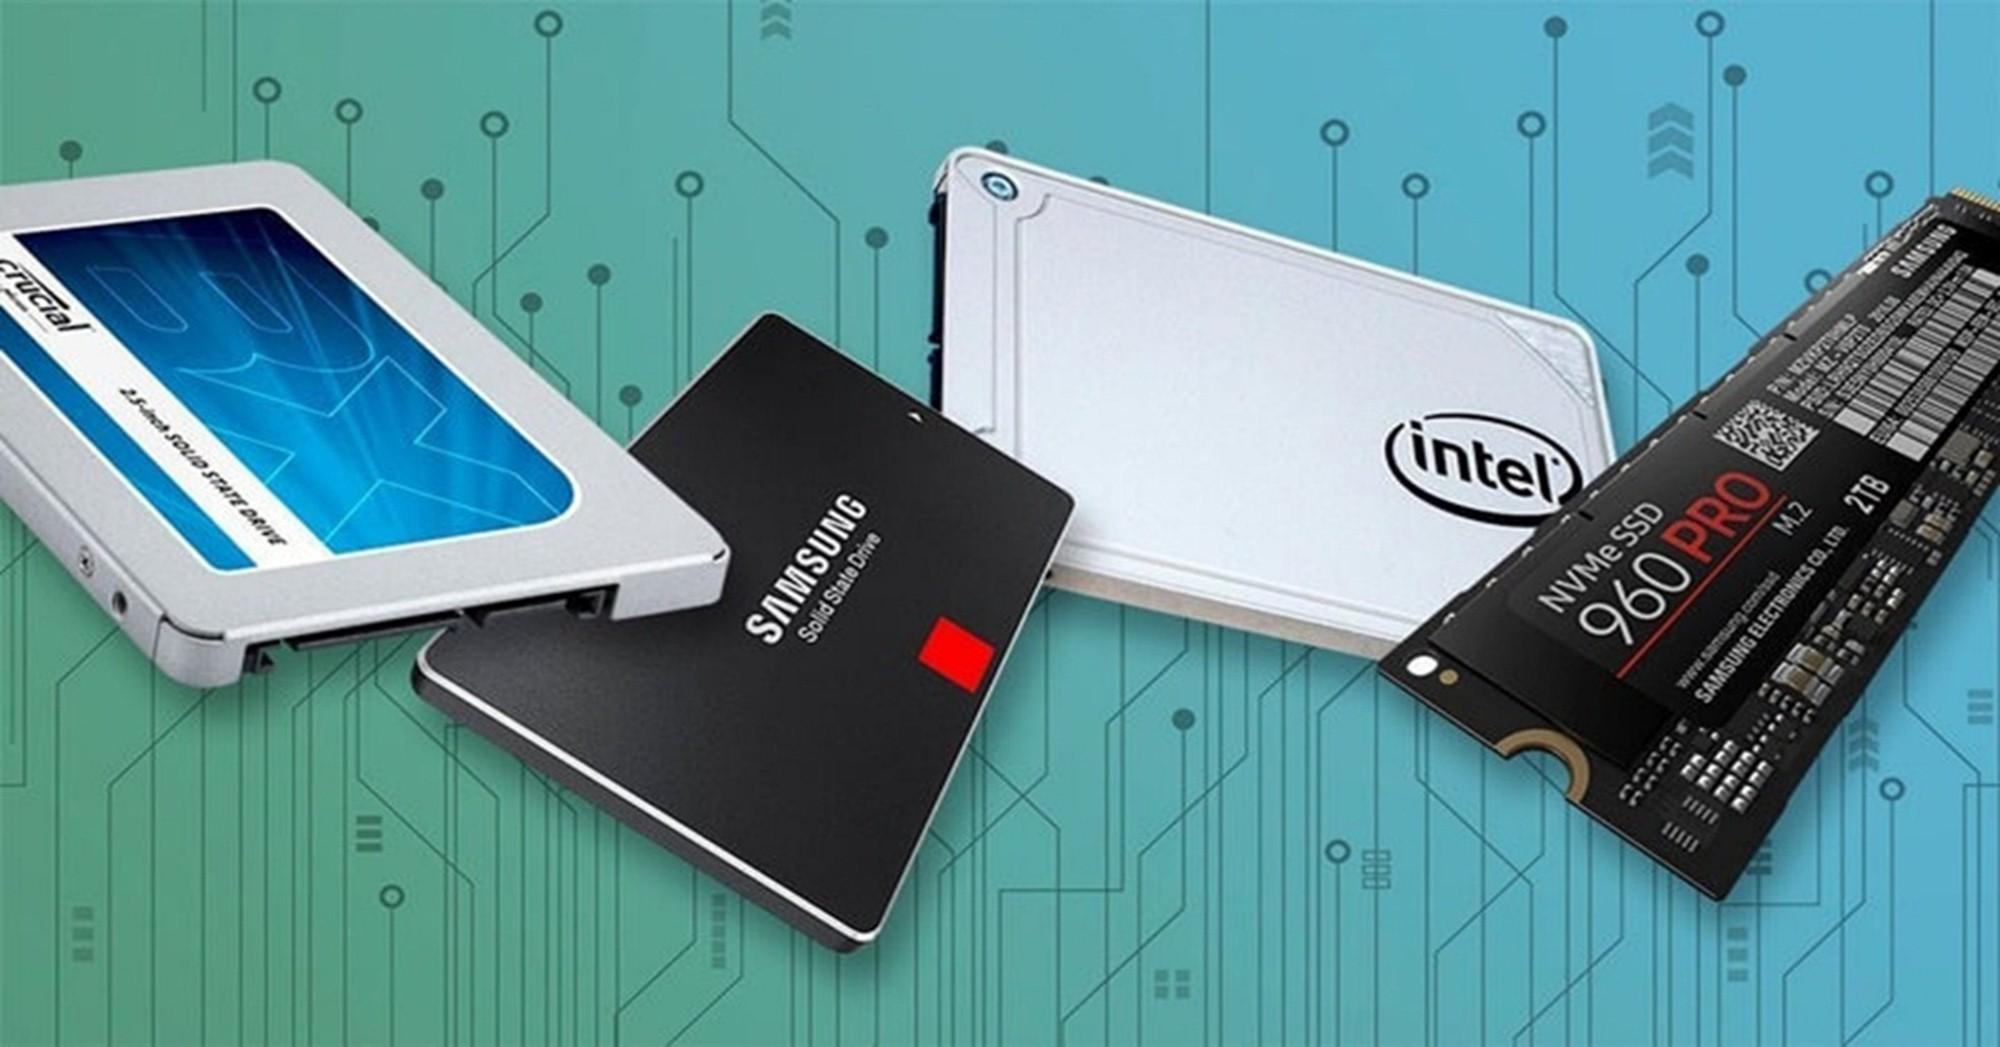 Mua ổ cứng di động, ổ cứng SSD ở đâu chính hãng, giá rẻ? - Quantrimang.com